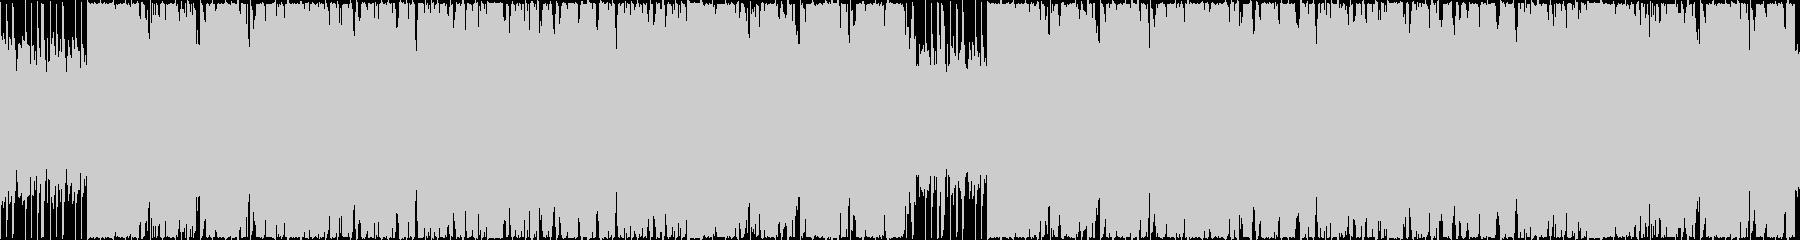 北欧・ケルト風のワクワクするBGMの未再生の波形